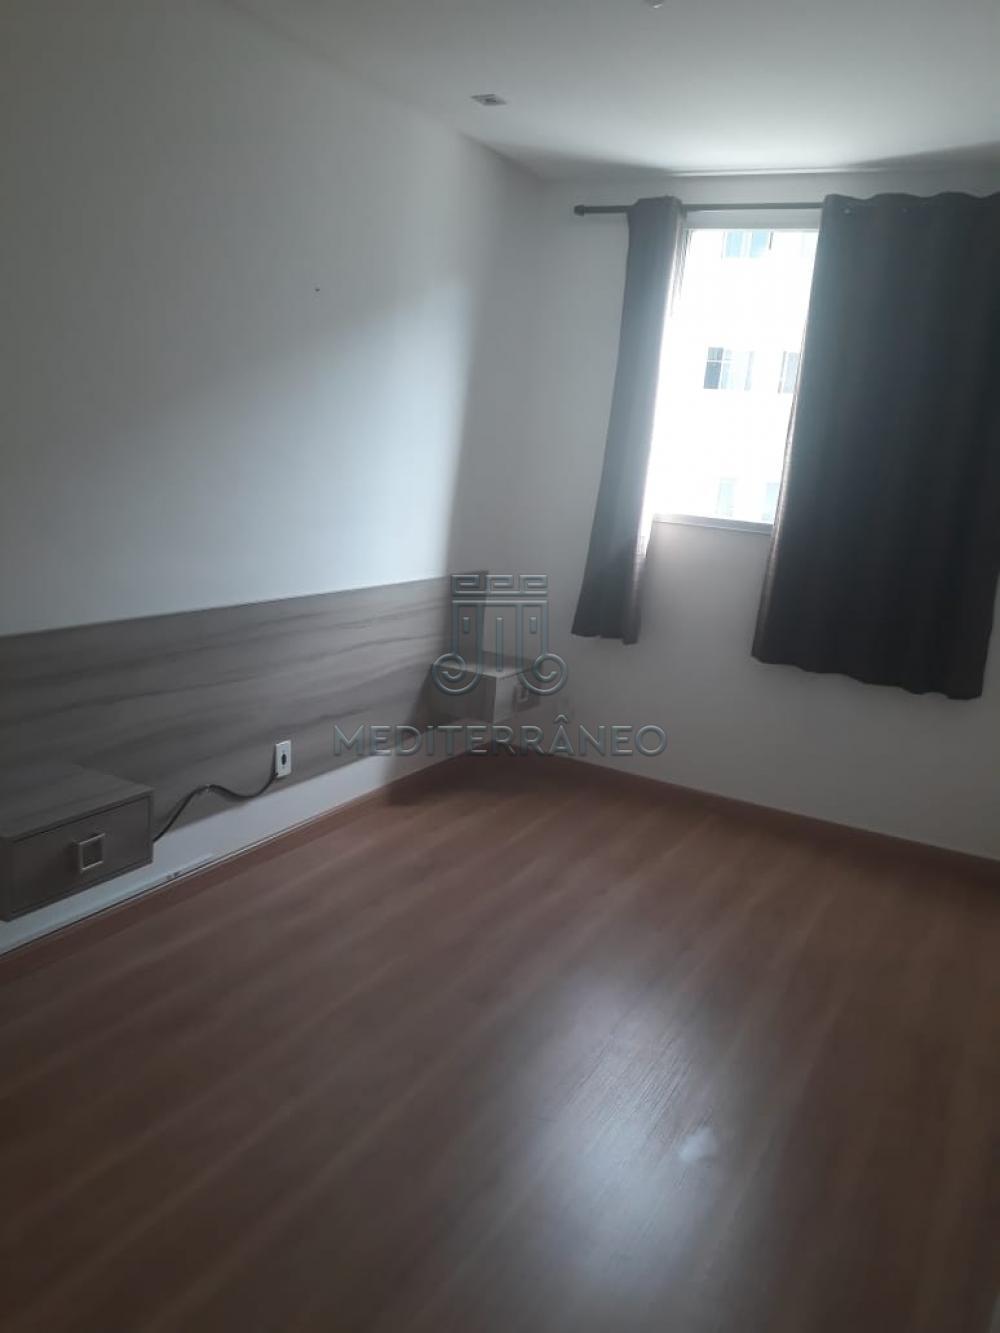 Comprar Apartamento / Padrão em Jundiaí apenas R$ 225.000,00 - Foto 6